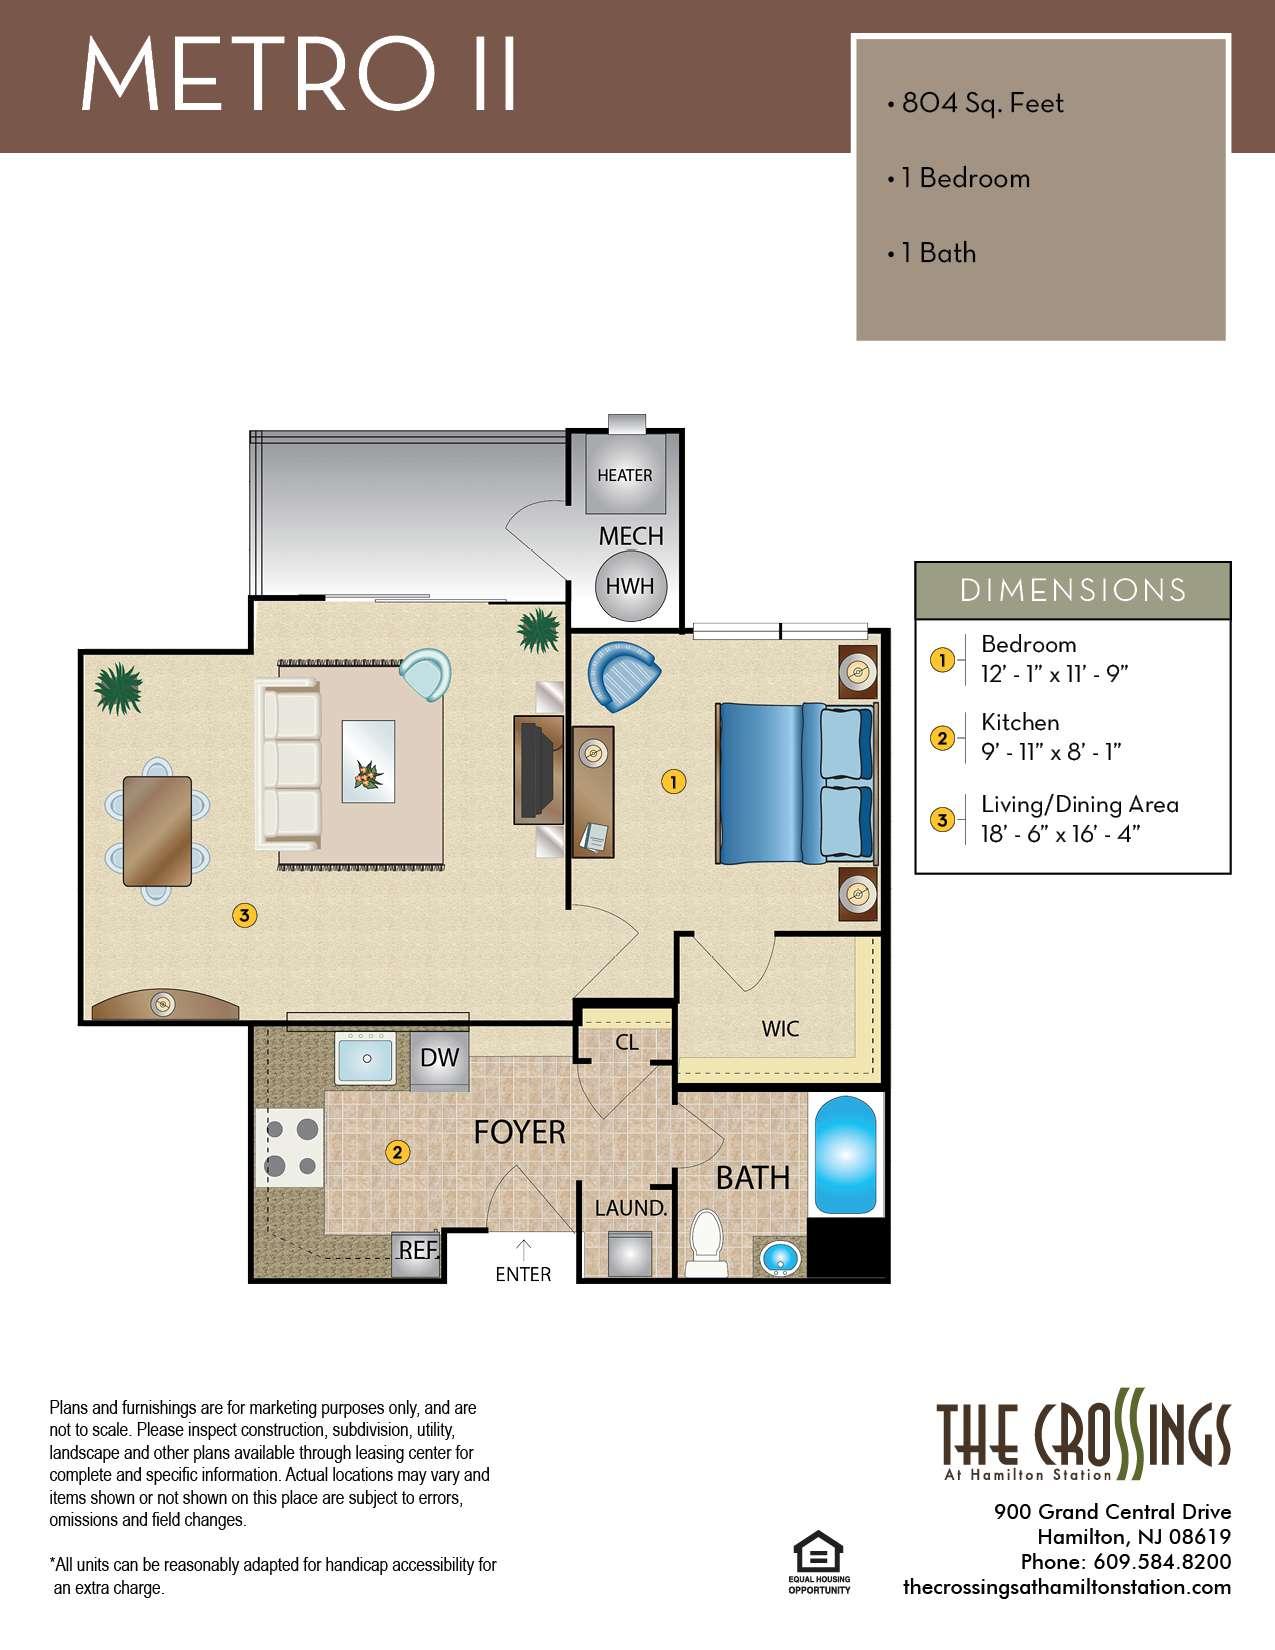 Metro II Floor Plan